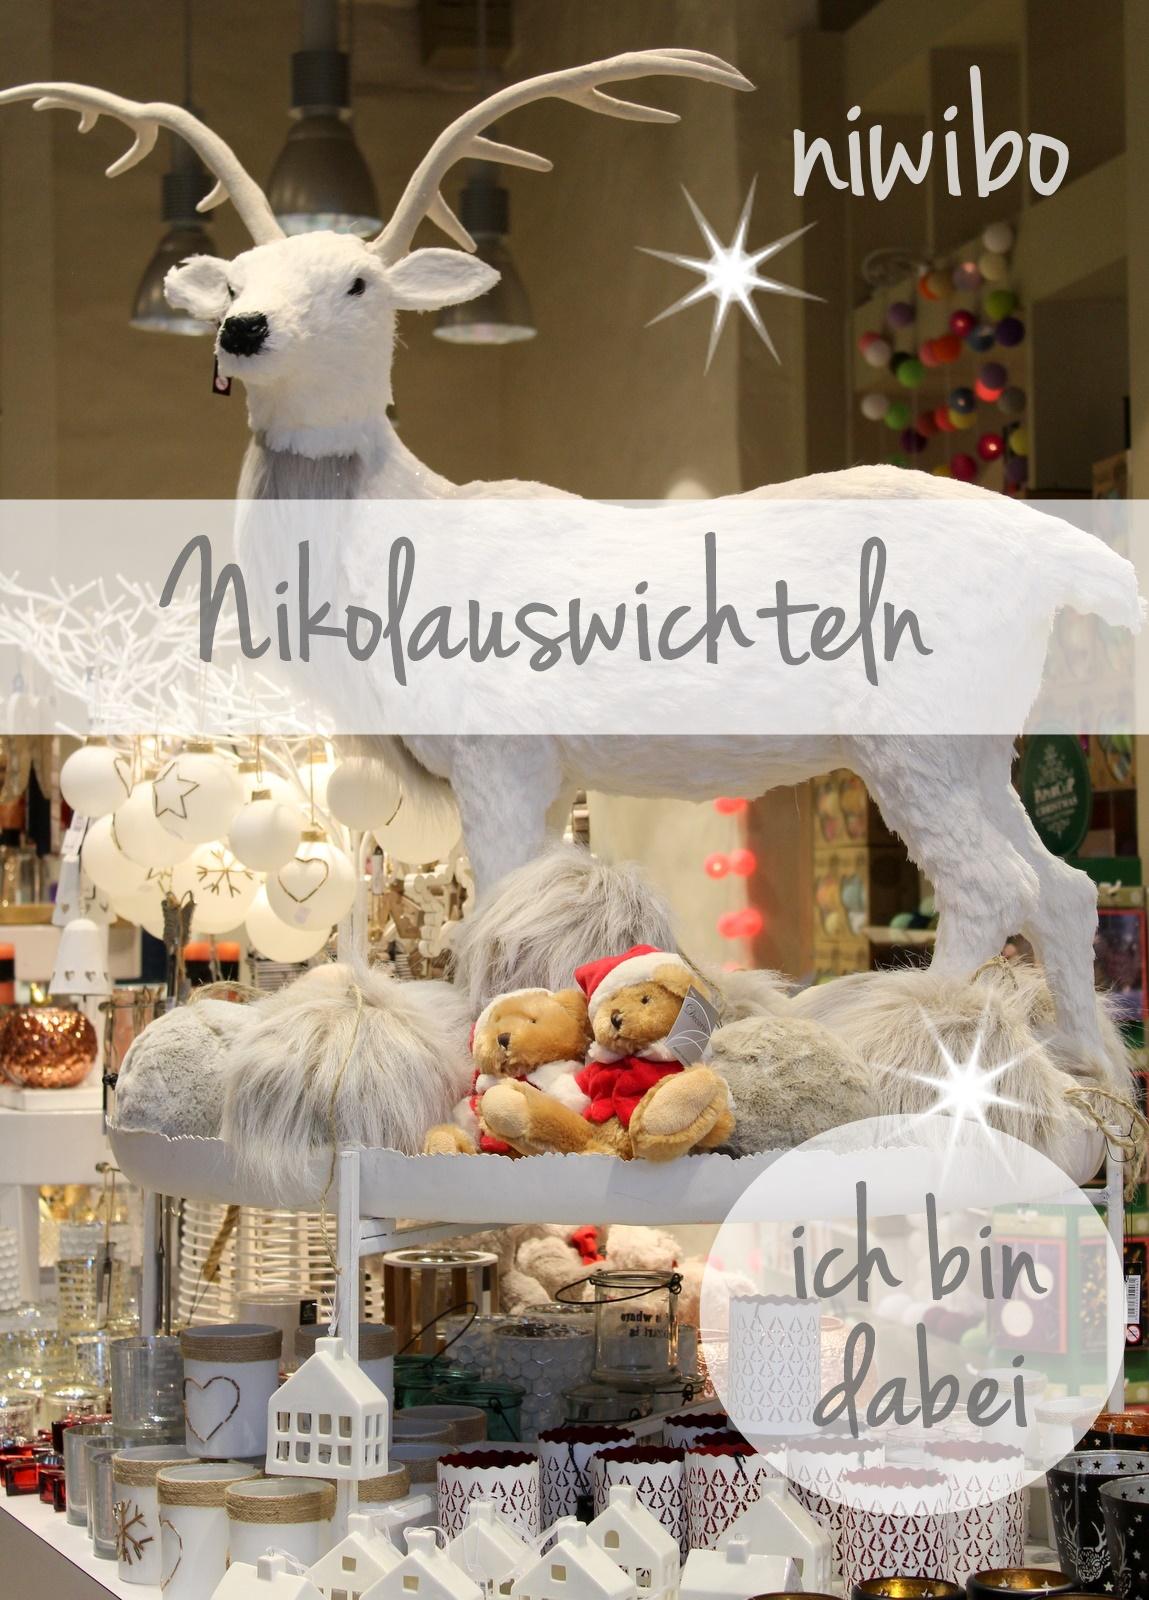 Nikolauswichteln!!!